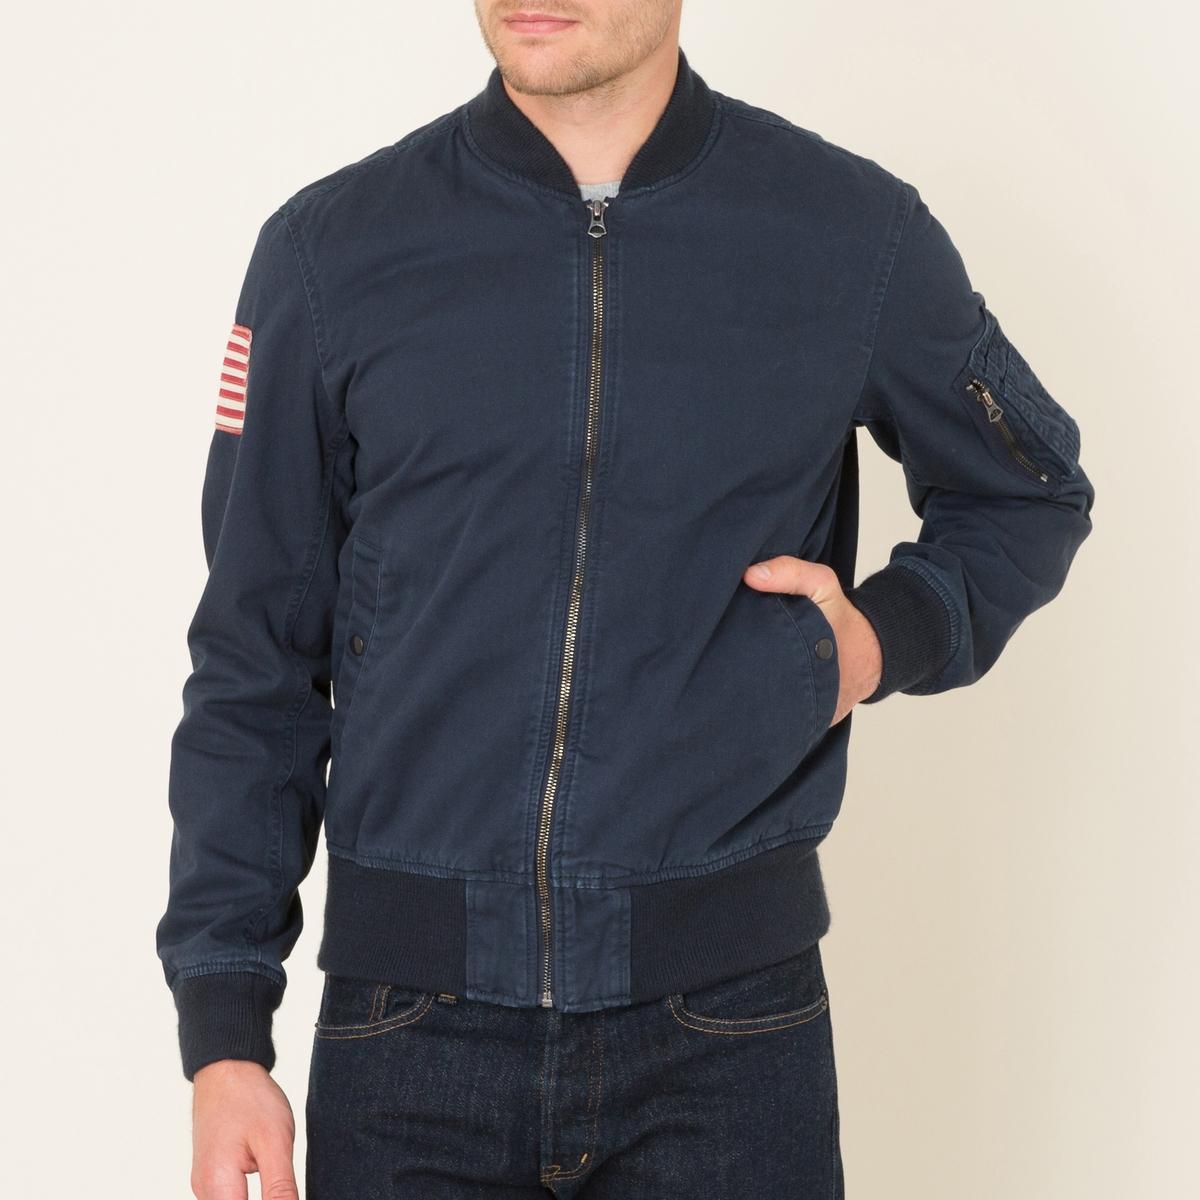 Куртка на молнииСостав и описание Материал : 100% хлопокПодкладка рукавов 100% полиэстерМарка : Denim and Supply Ralph Lauren<br><br>Цвет: темно-синий<br>Размер: L